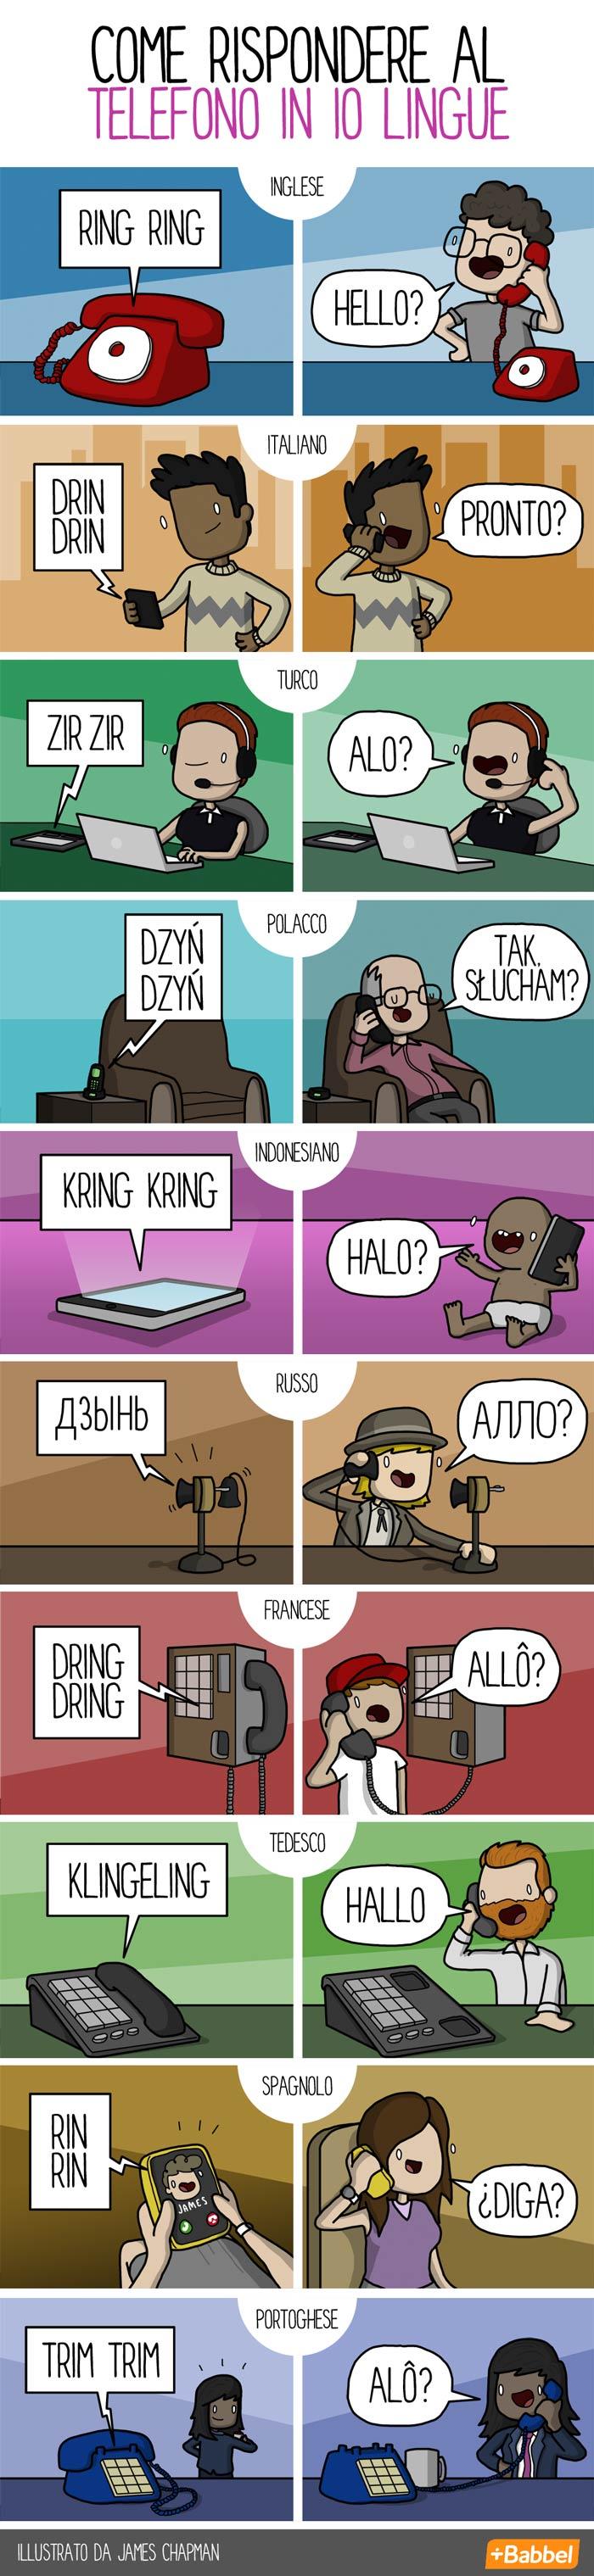 Come rispondere al telefono in diverse lingue